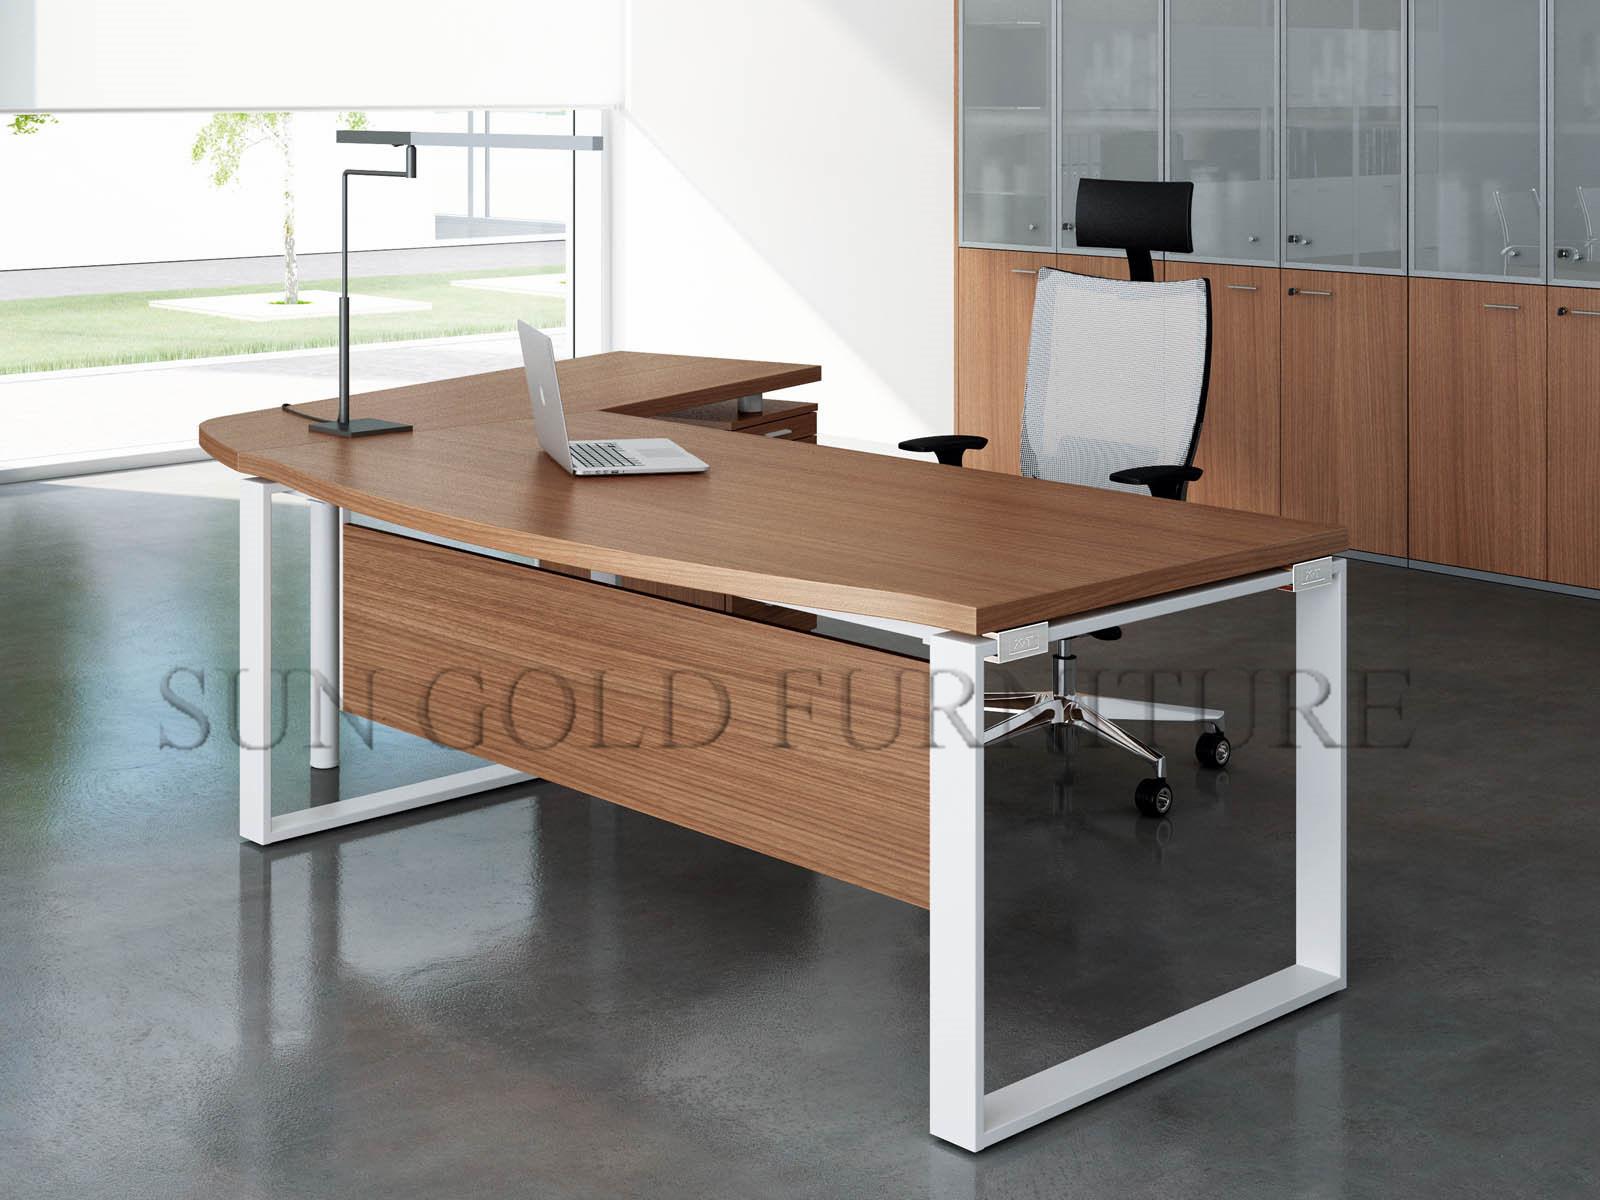 Table de bureau moderne en bois de structure métallique ordinateur